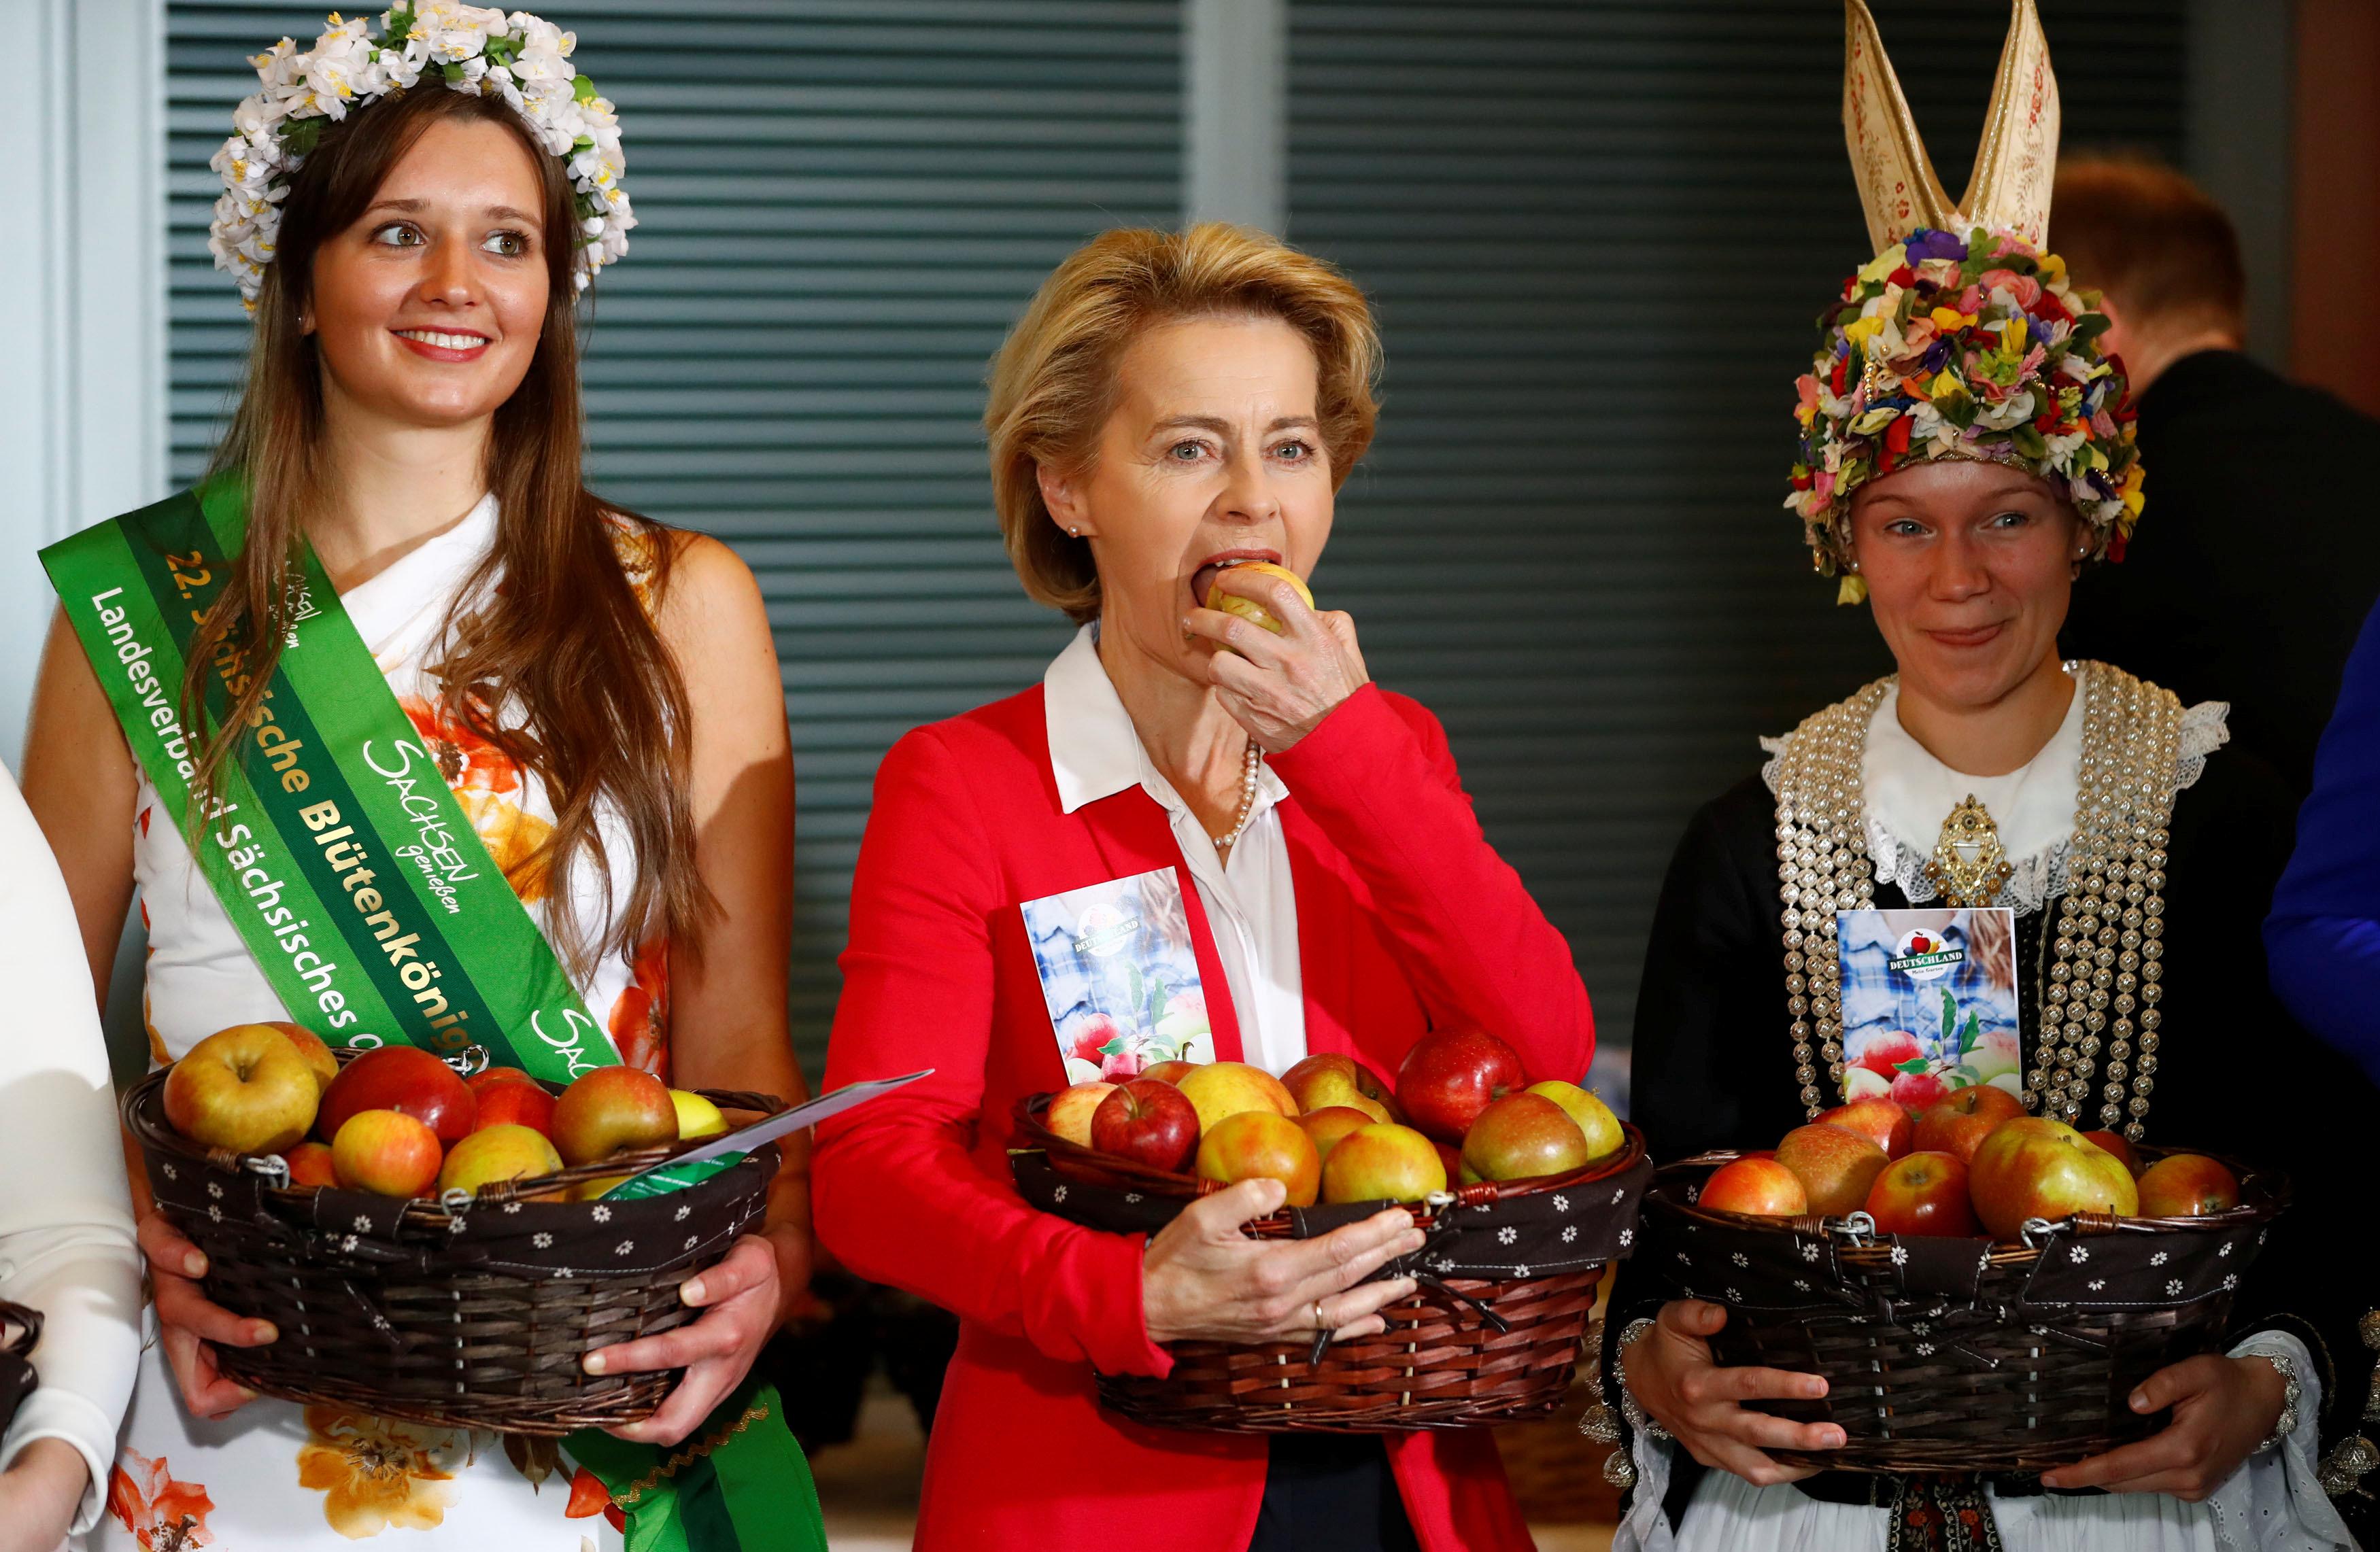 وزيرة الدفاع الألمانية تتناول التفاح